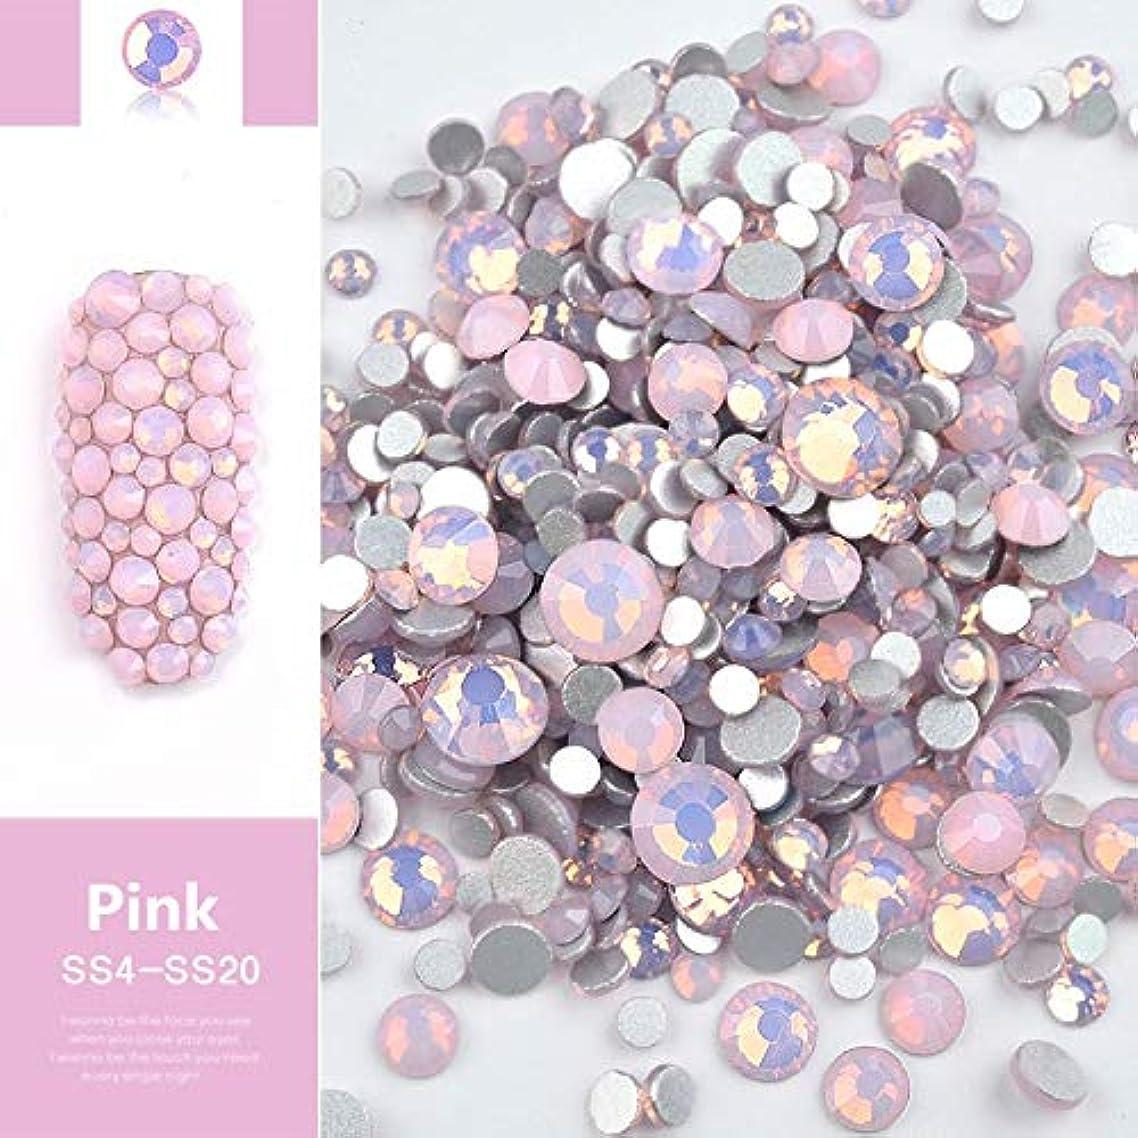 名門吸収剤樹皮Kerwinner ビーズ樹脂クリスタルラウンドネイルアートミックスフラットバックアクリルラインストーンミックスサイズ1.5-4.5 mm装飾用ネイル (Color : Pink)